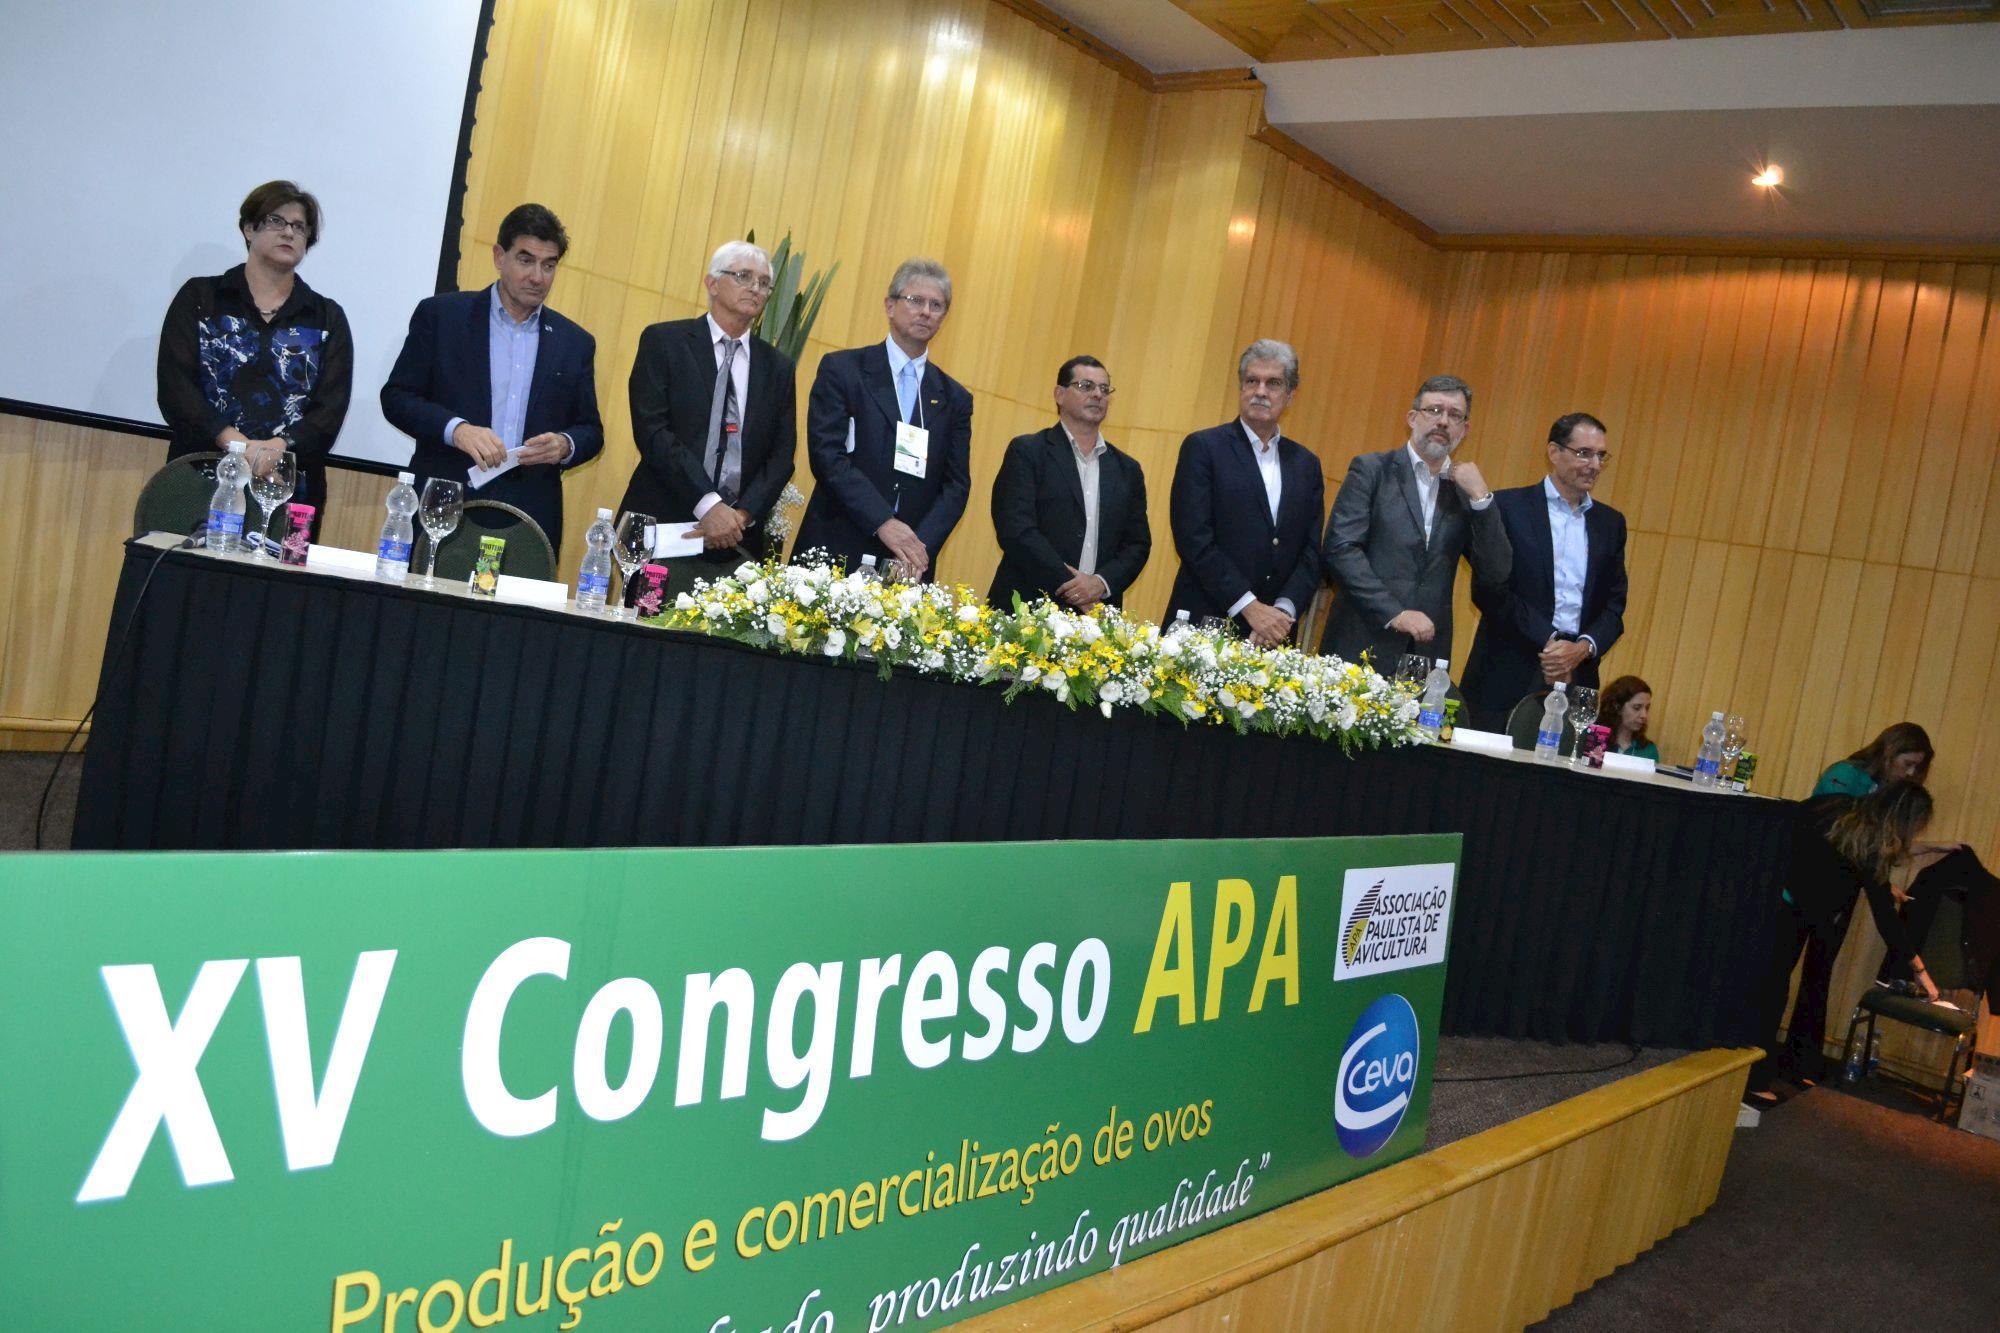 Confira a cobertura do Congresso APA de Produção e Comercialização de Ovos 2017, Confira a cobertura do Congresso APA de Produção e Comercialização de Ovos 2017